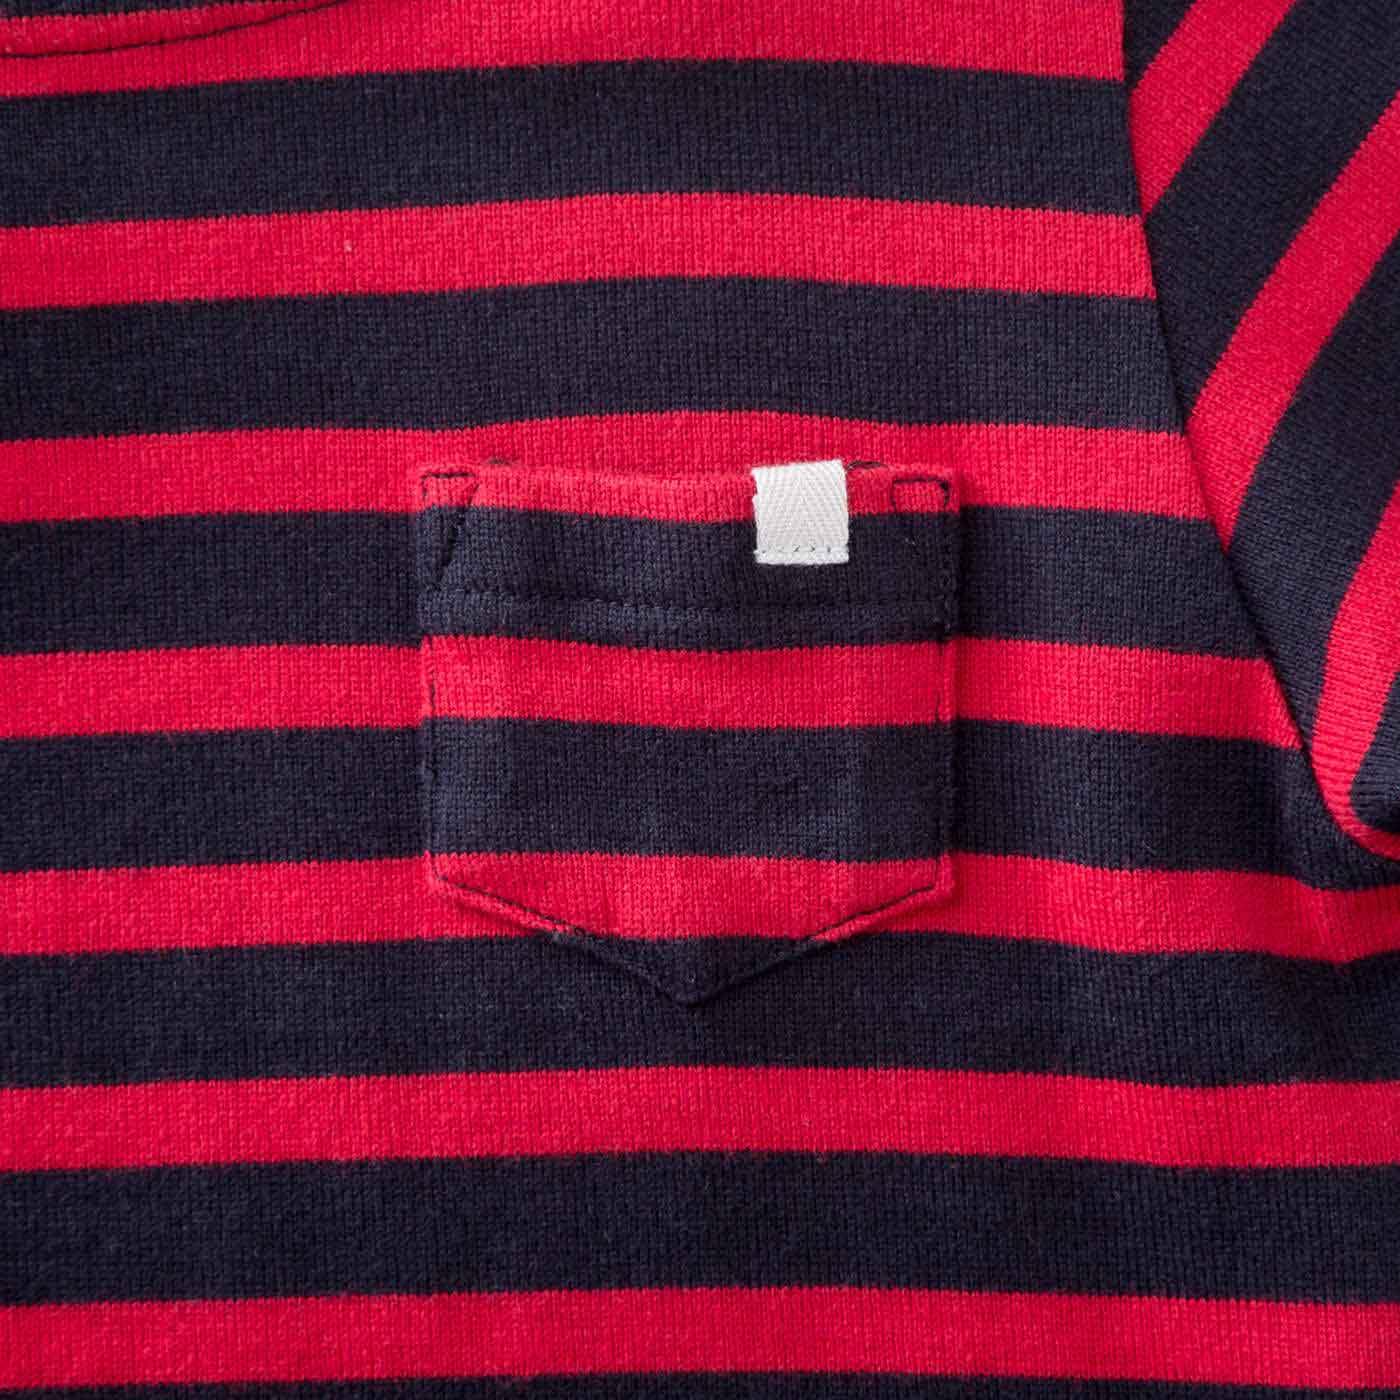 胸ポケットには、ネームピンが通せるループタグ付き。